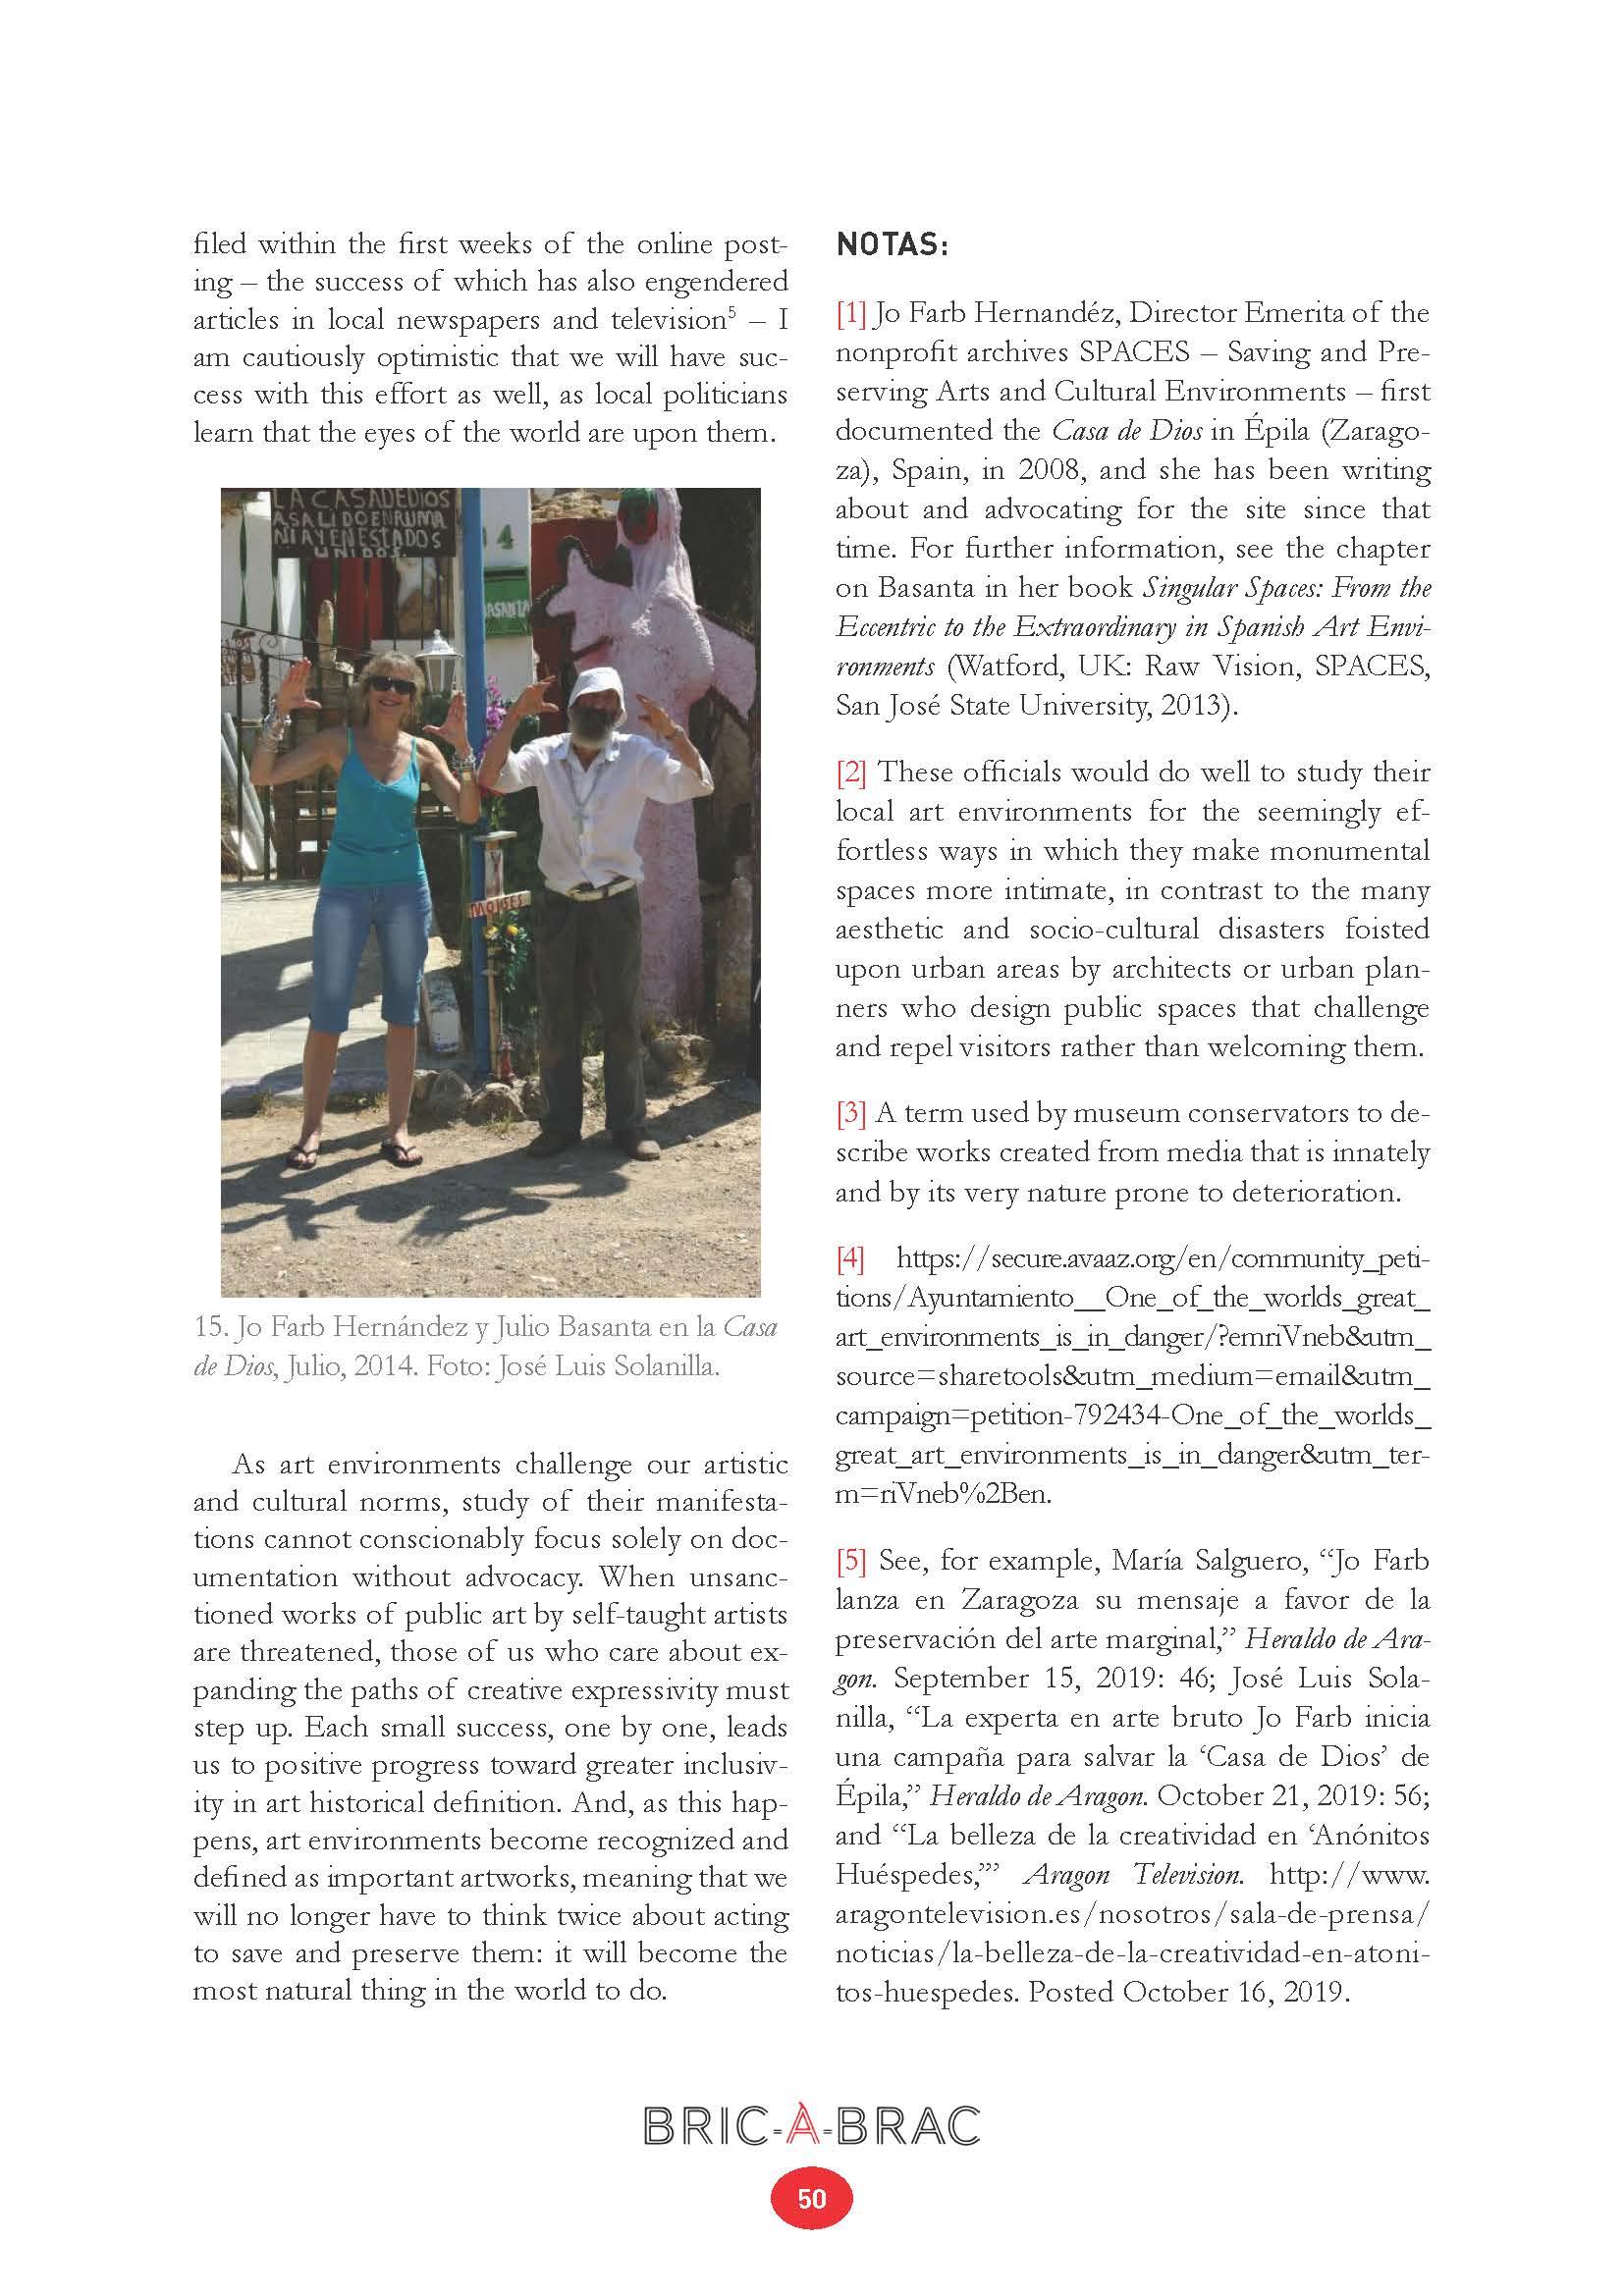 La Lucha para Salvar La Casa de Dios u otros Bric a Brac 3 Spring 2020 final_Page_7